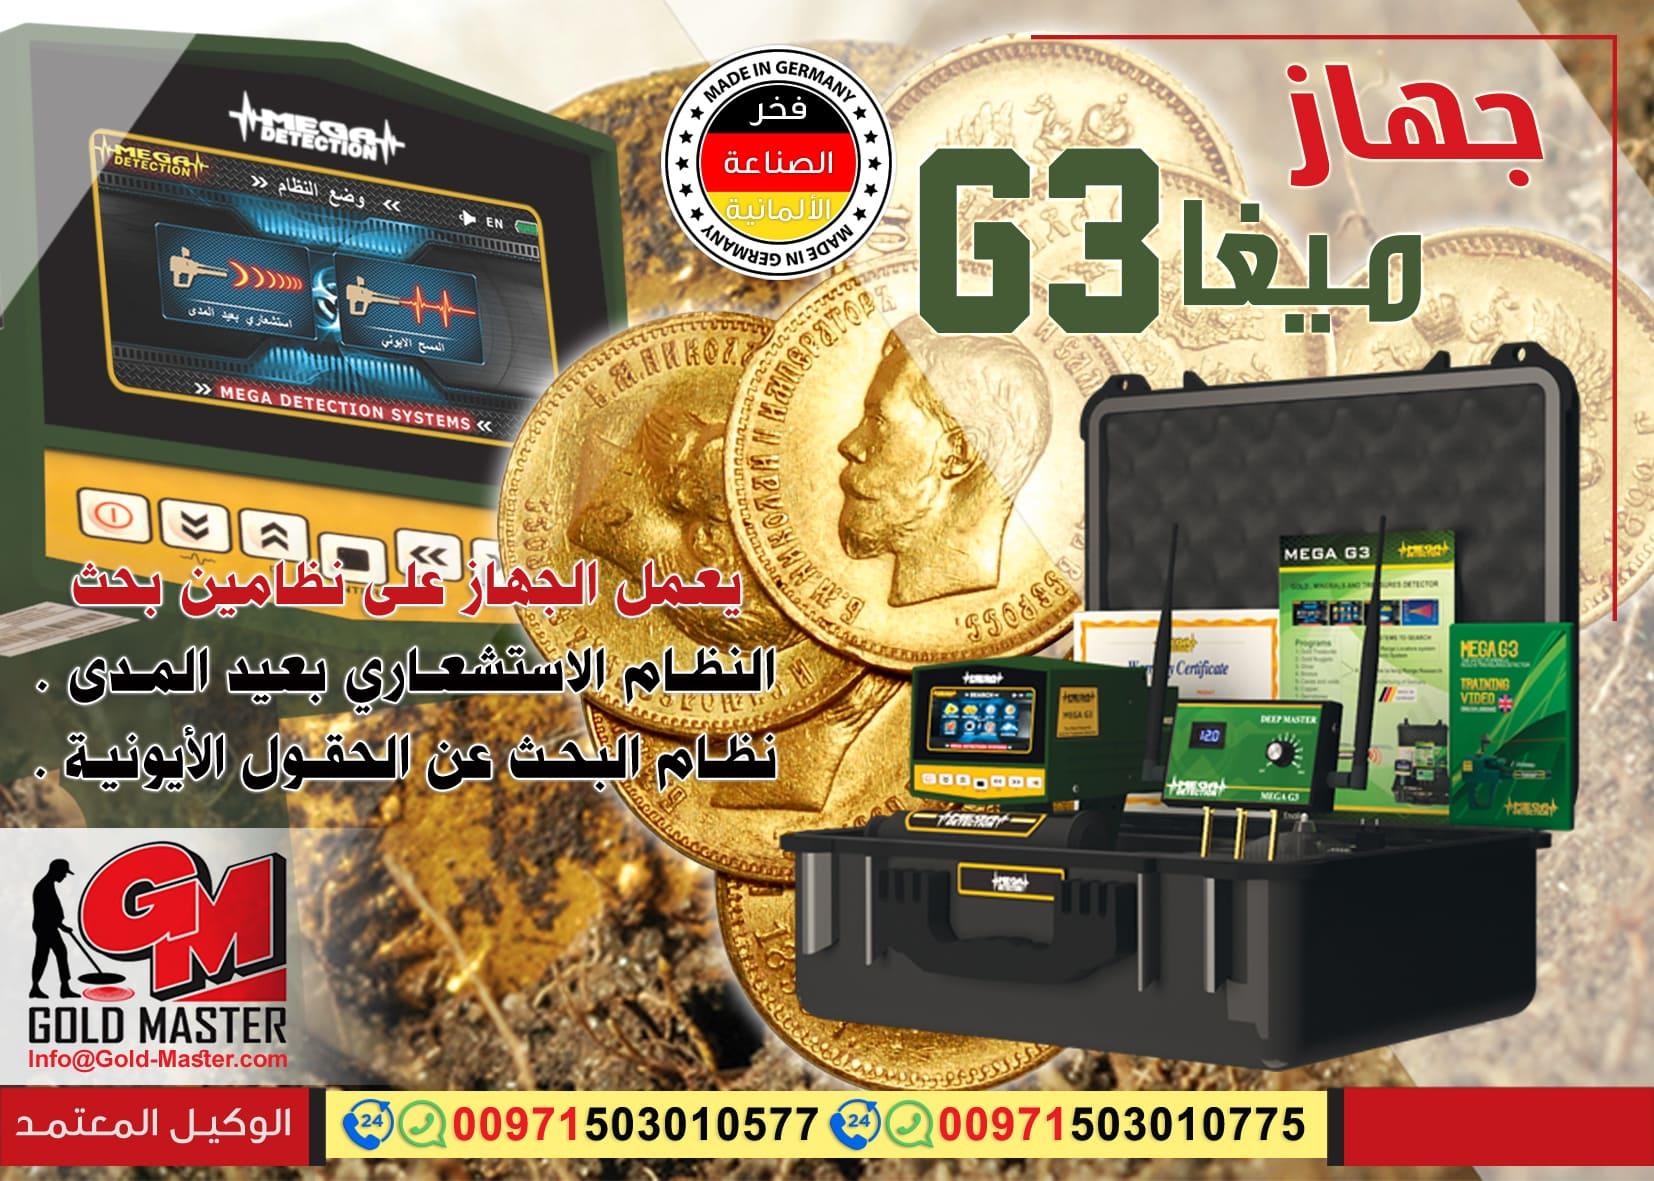 جهاز كشف الذهب فى اليمن